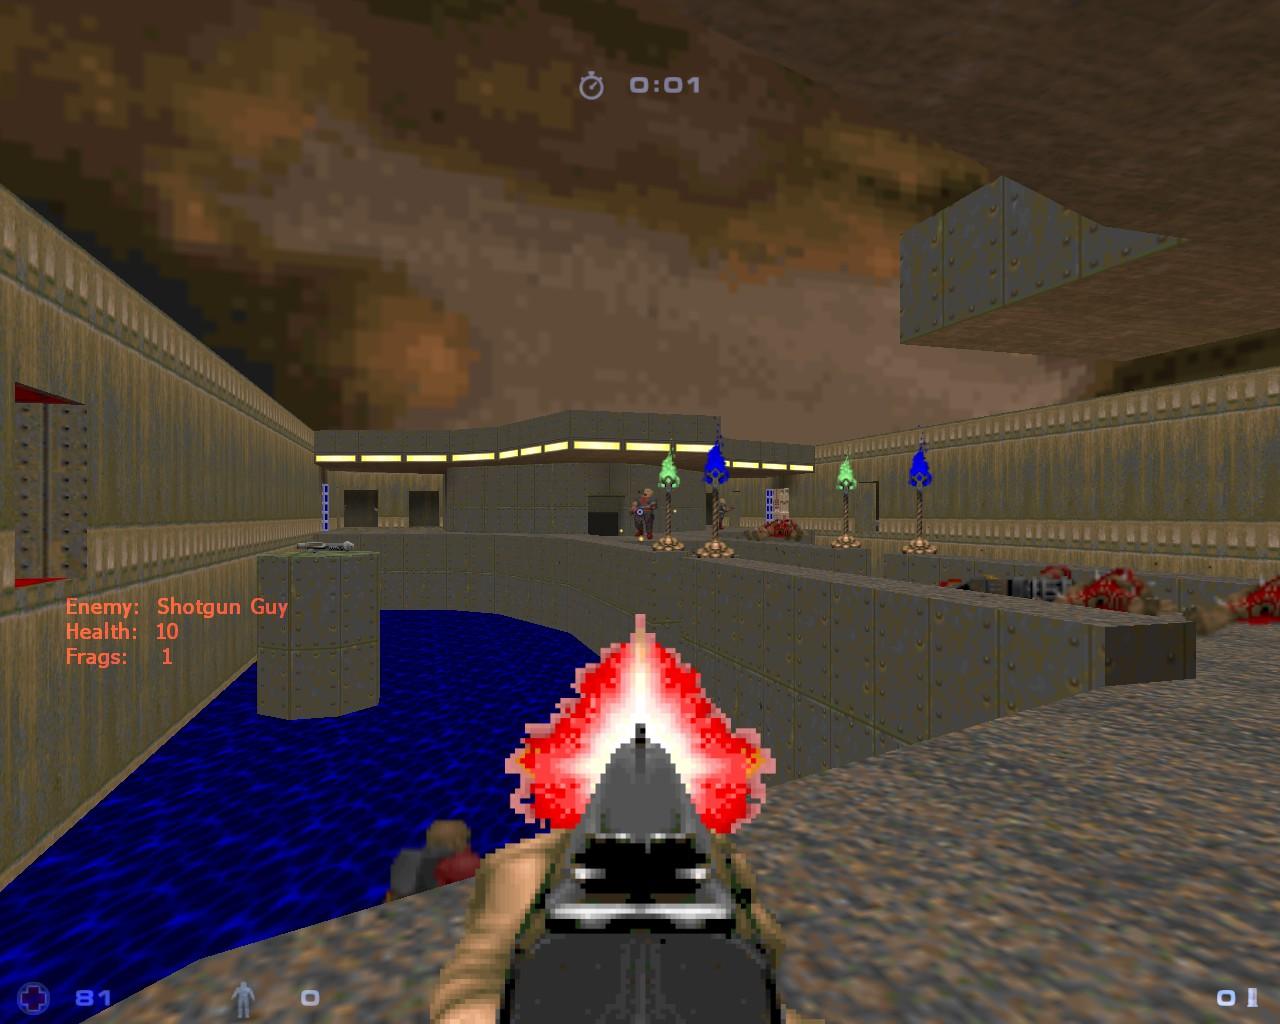 DOOM II: Hell on Earth - Sven Co-op Map Database